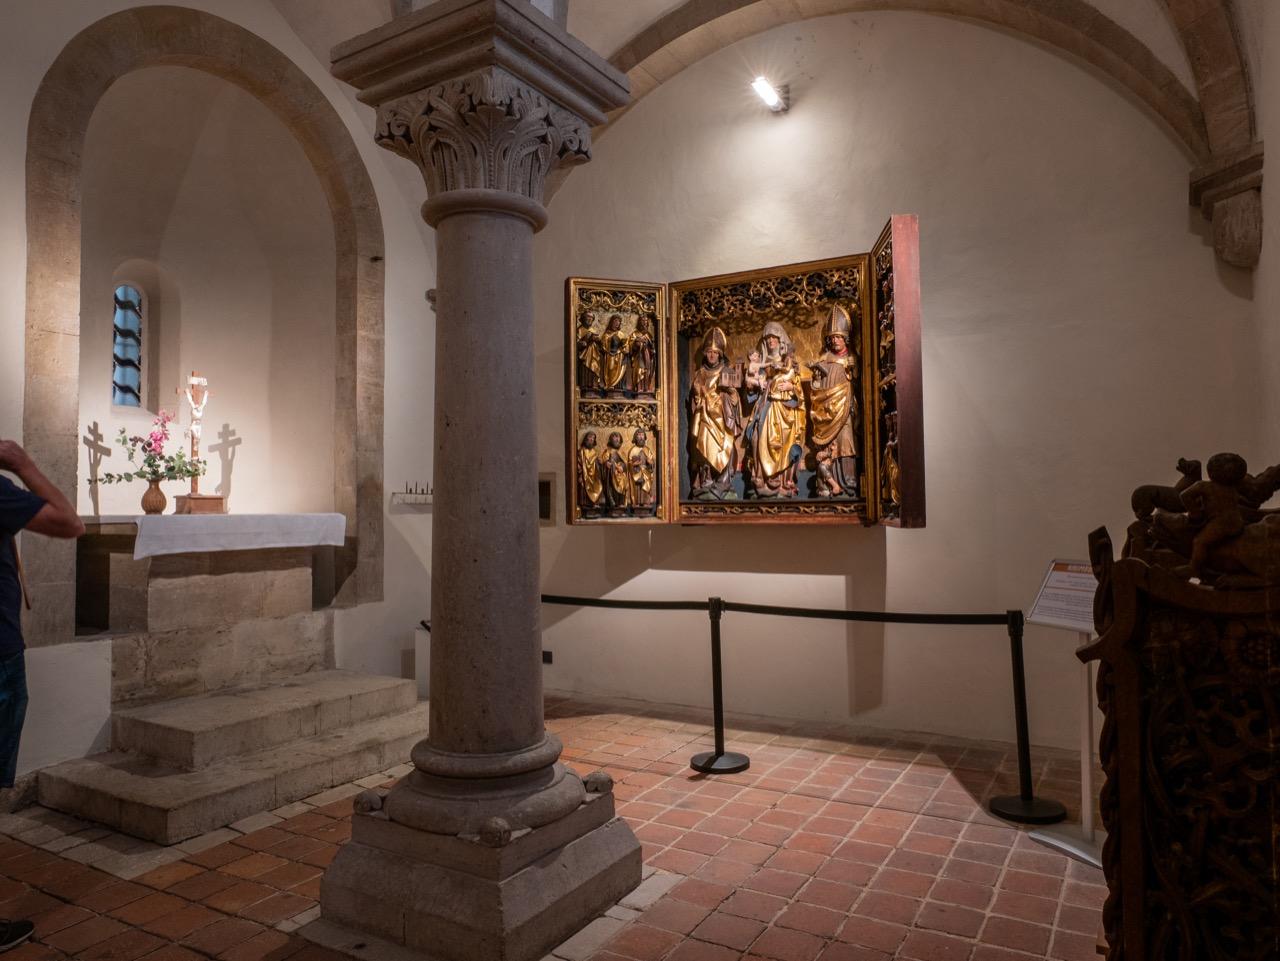 Evangelistenkapelle